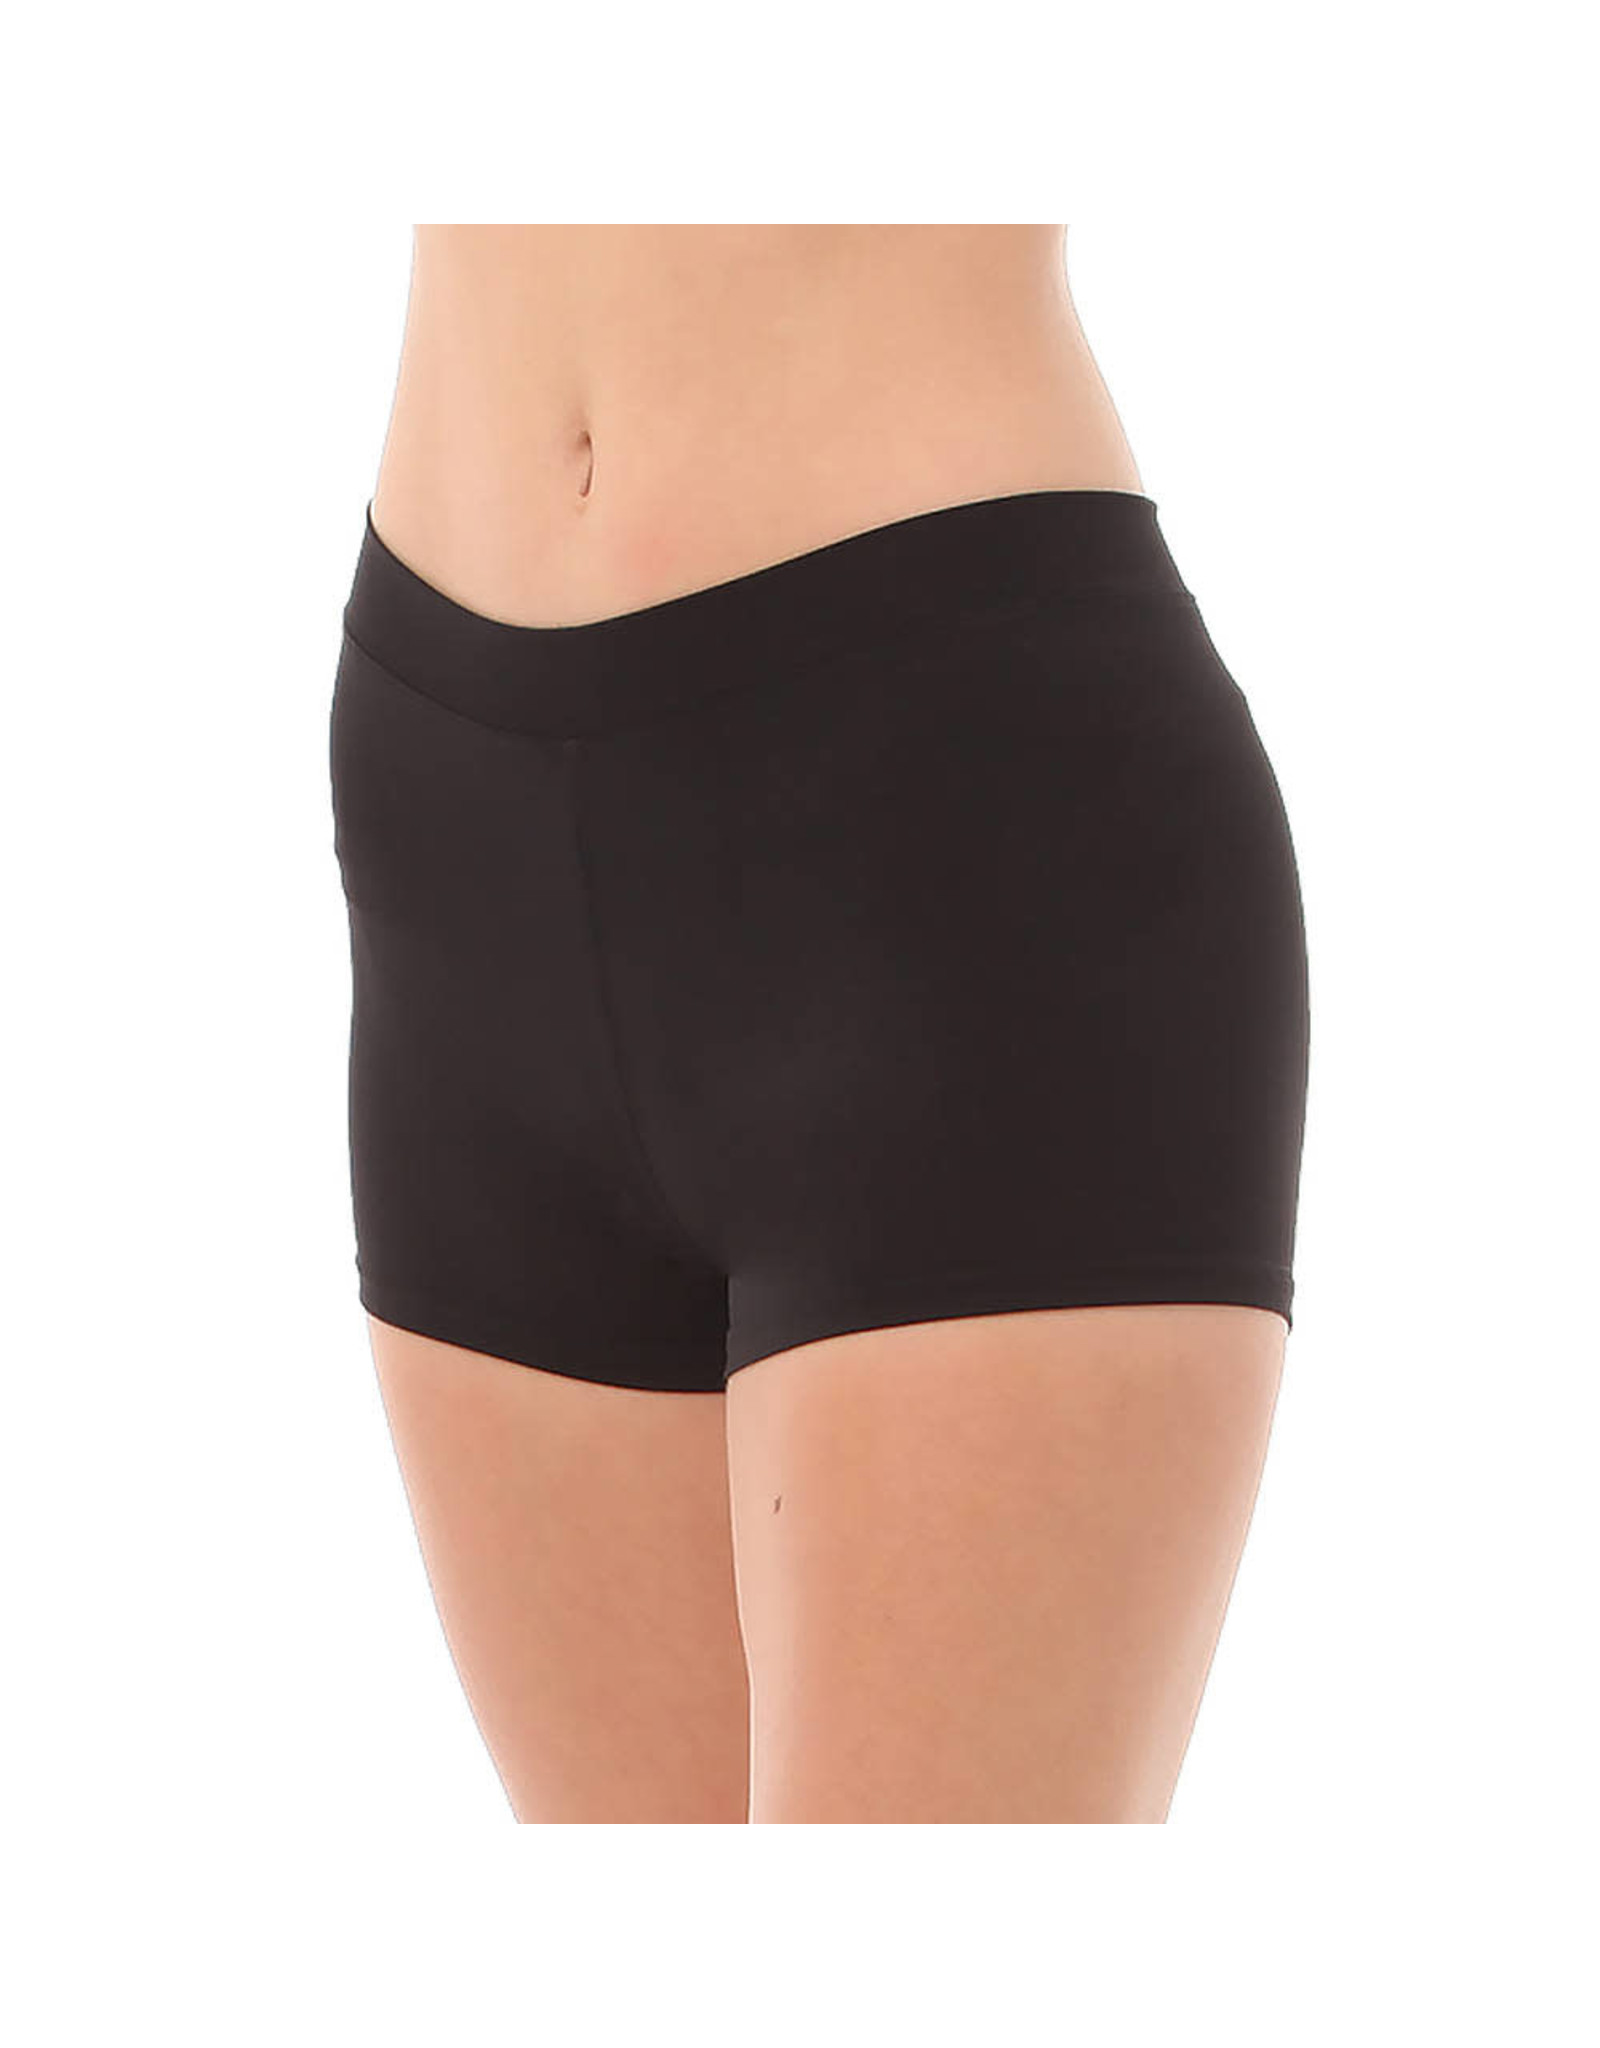 Body Wrappers Black Boy-Cut Shorts